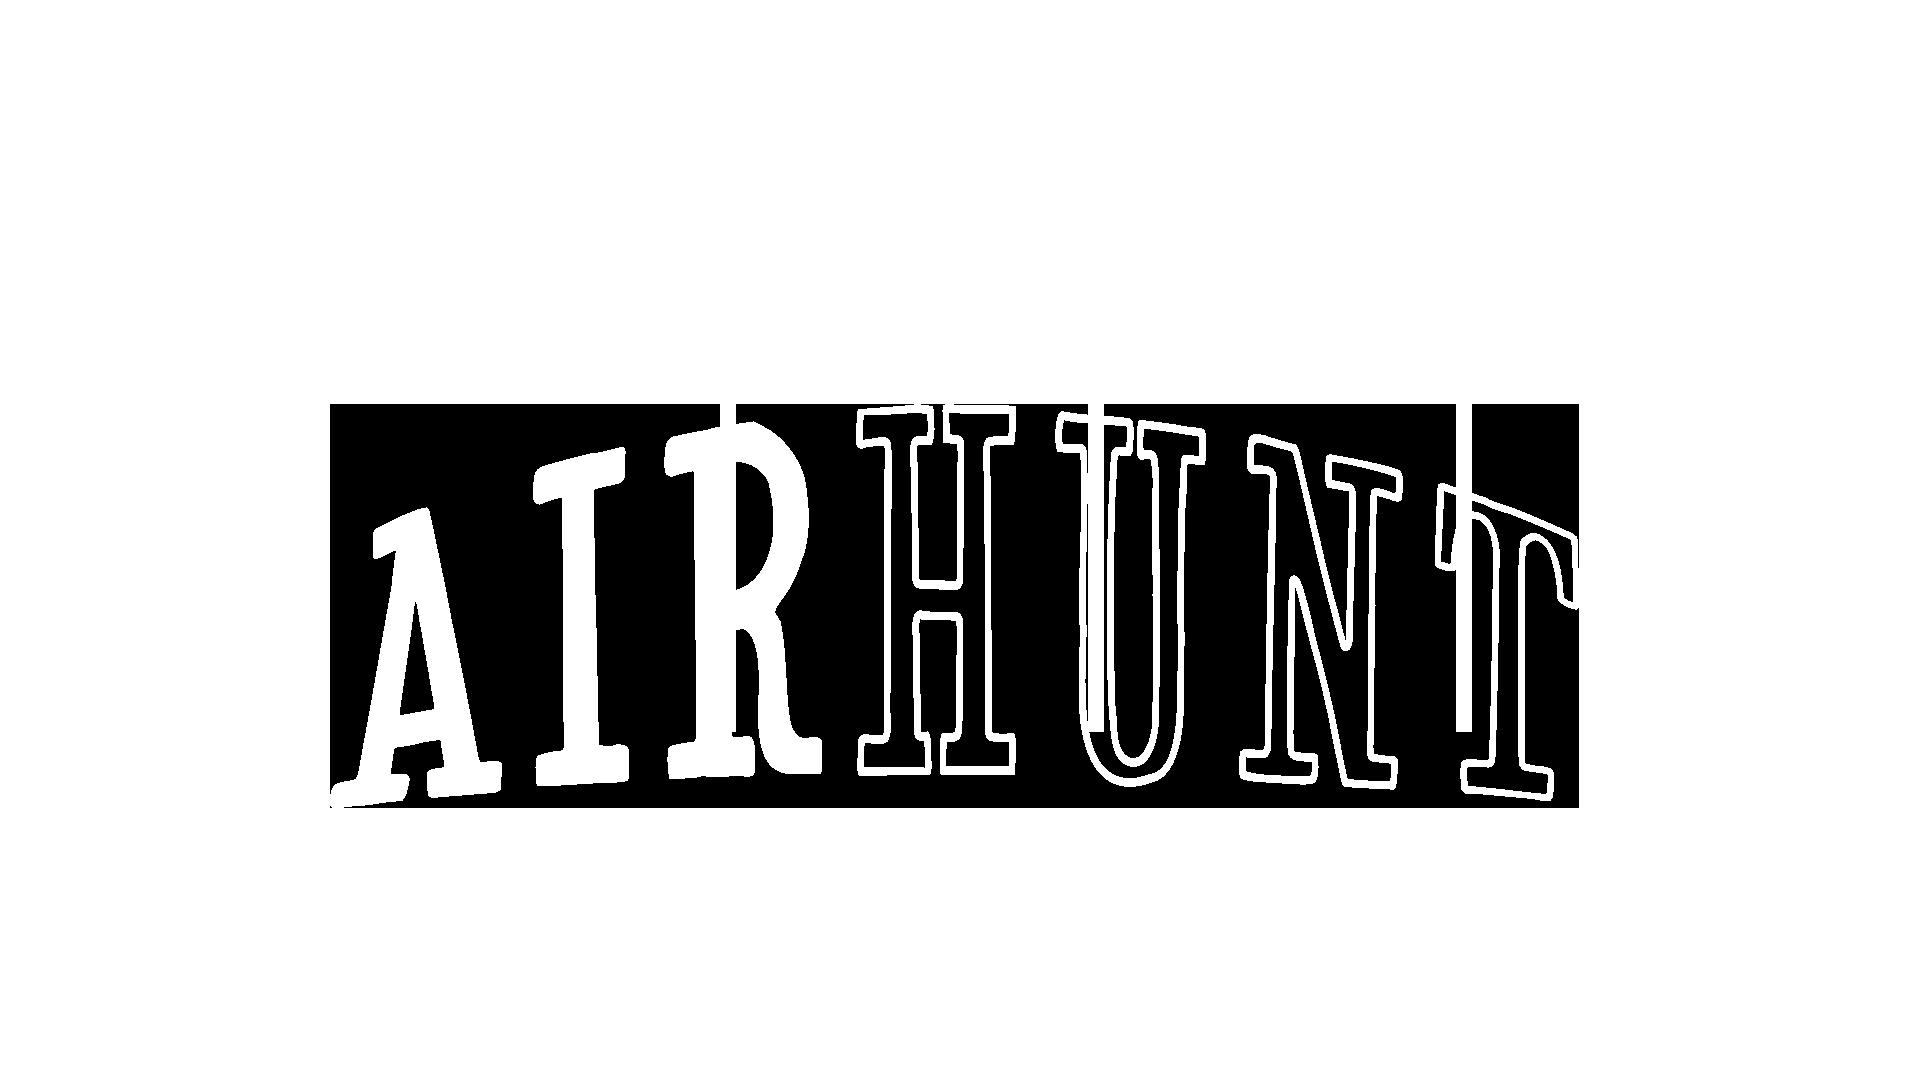 AirHunt